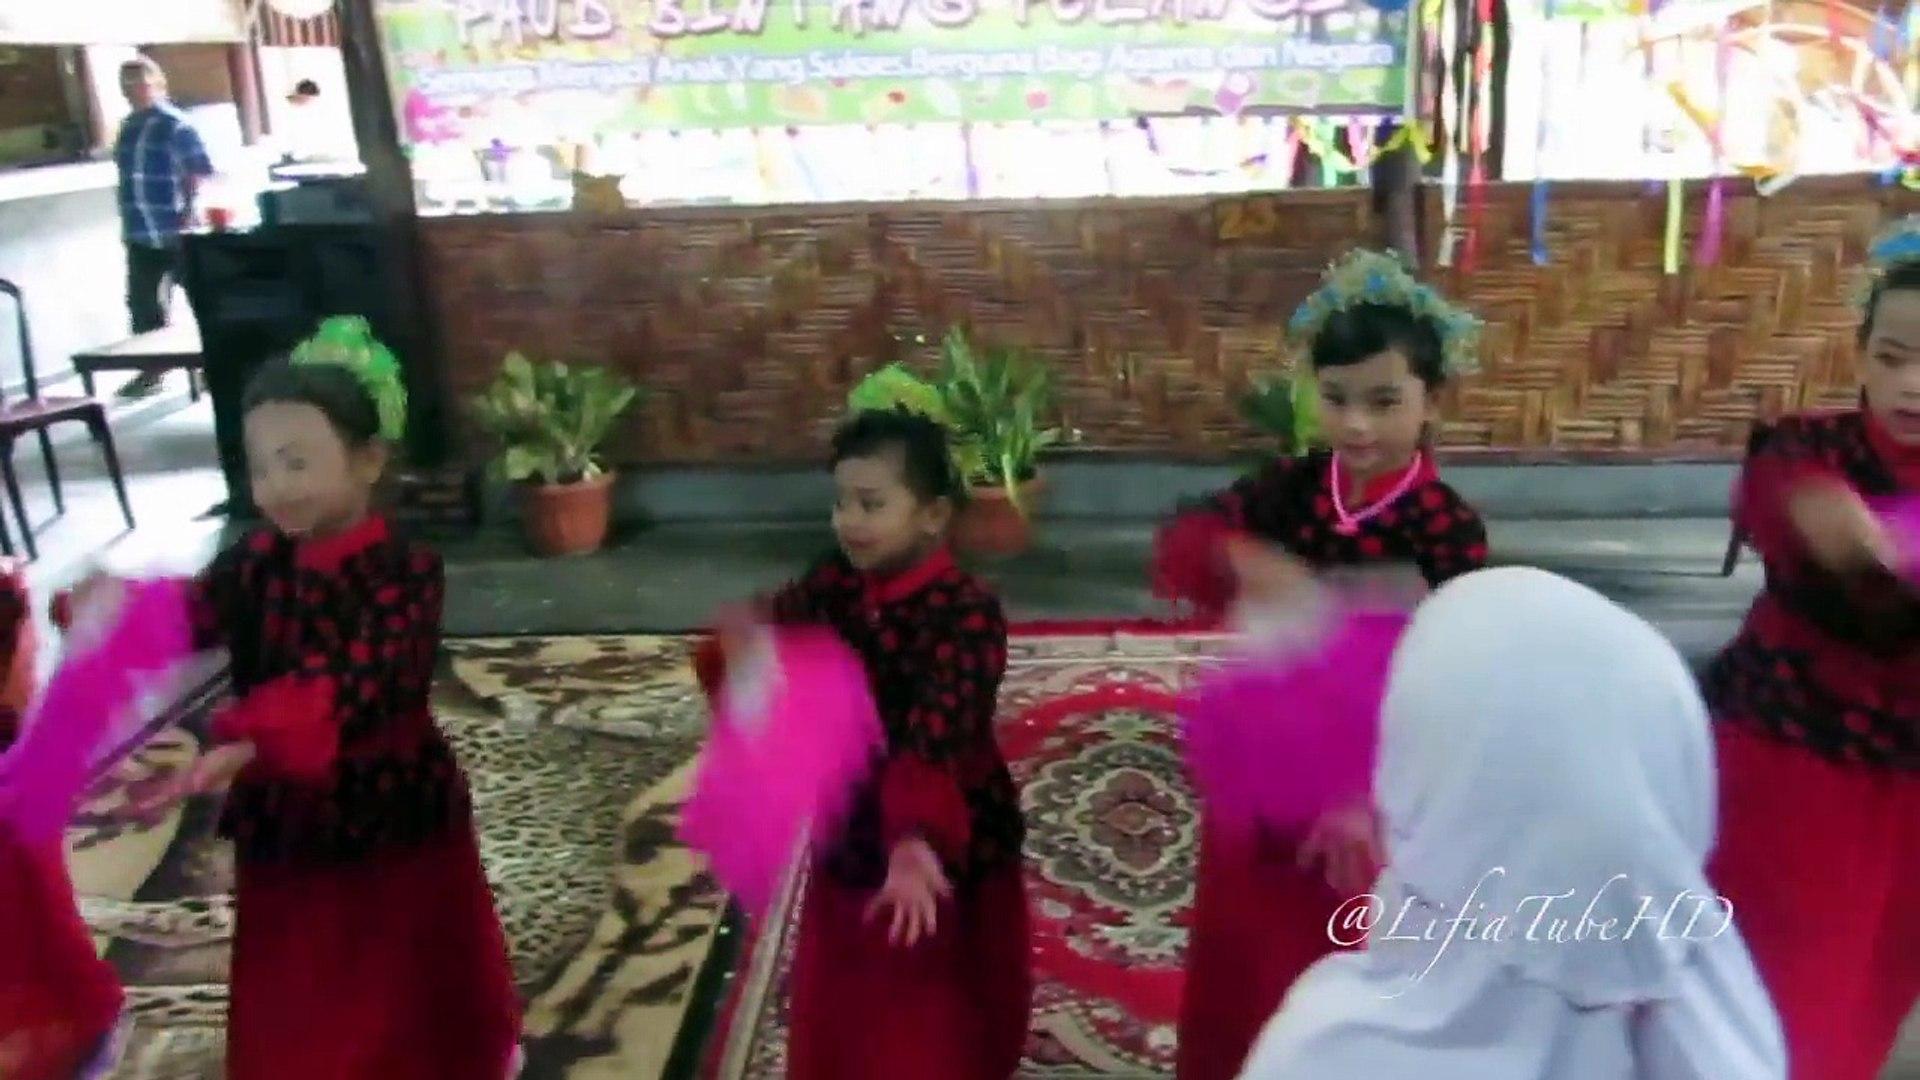 Tarian Kreasi Anak anak - Bintang Pelangi - Kids Dance Activities